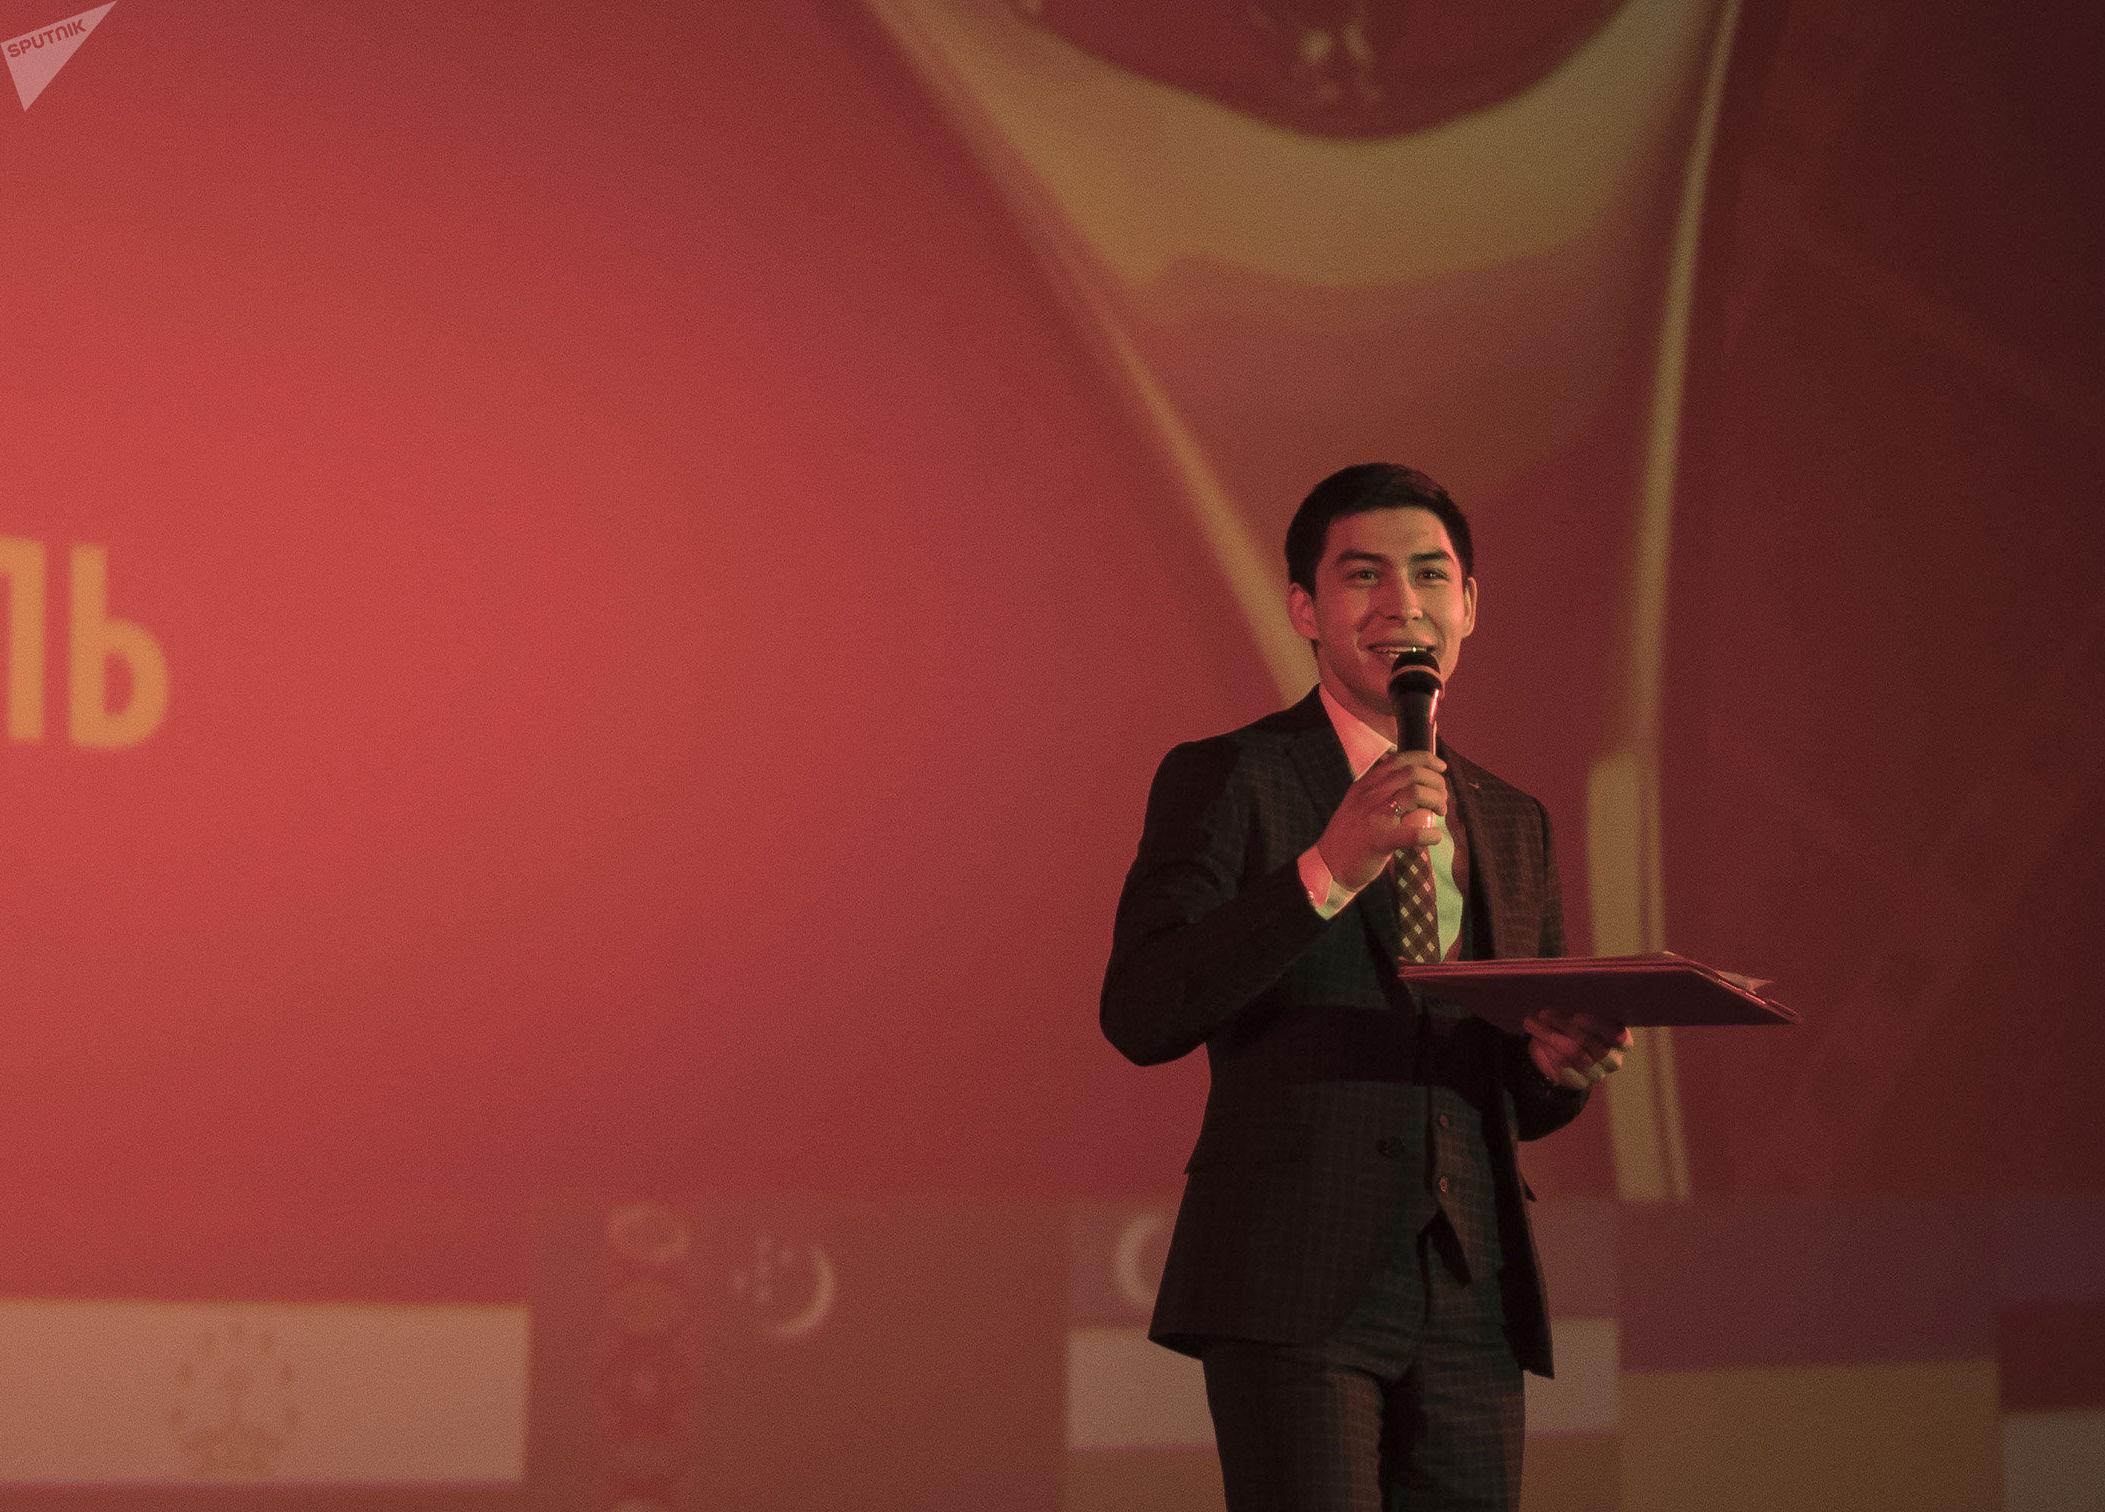 Ведущий Эркин Нурбаев на церемонии награждения победителей VI Международного кинофестиваля стран СНГ, Грузии и Балтии Кыргызстан — страна короткометражных фильмов